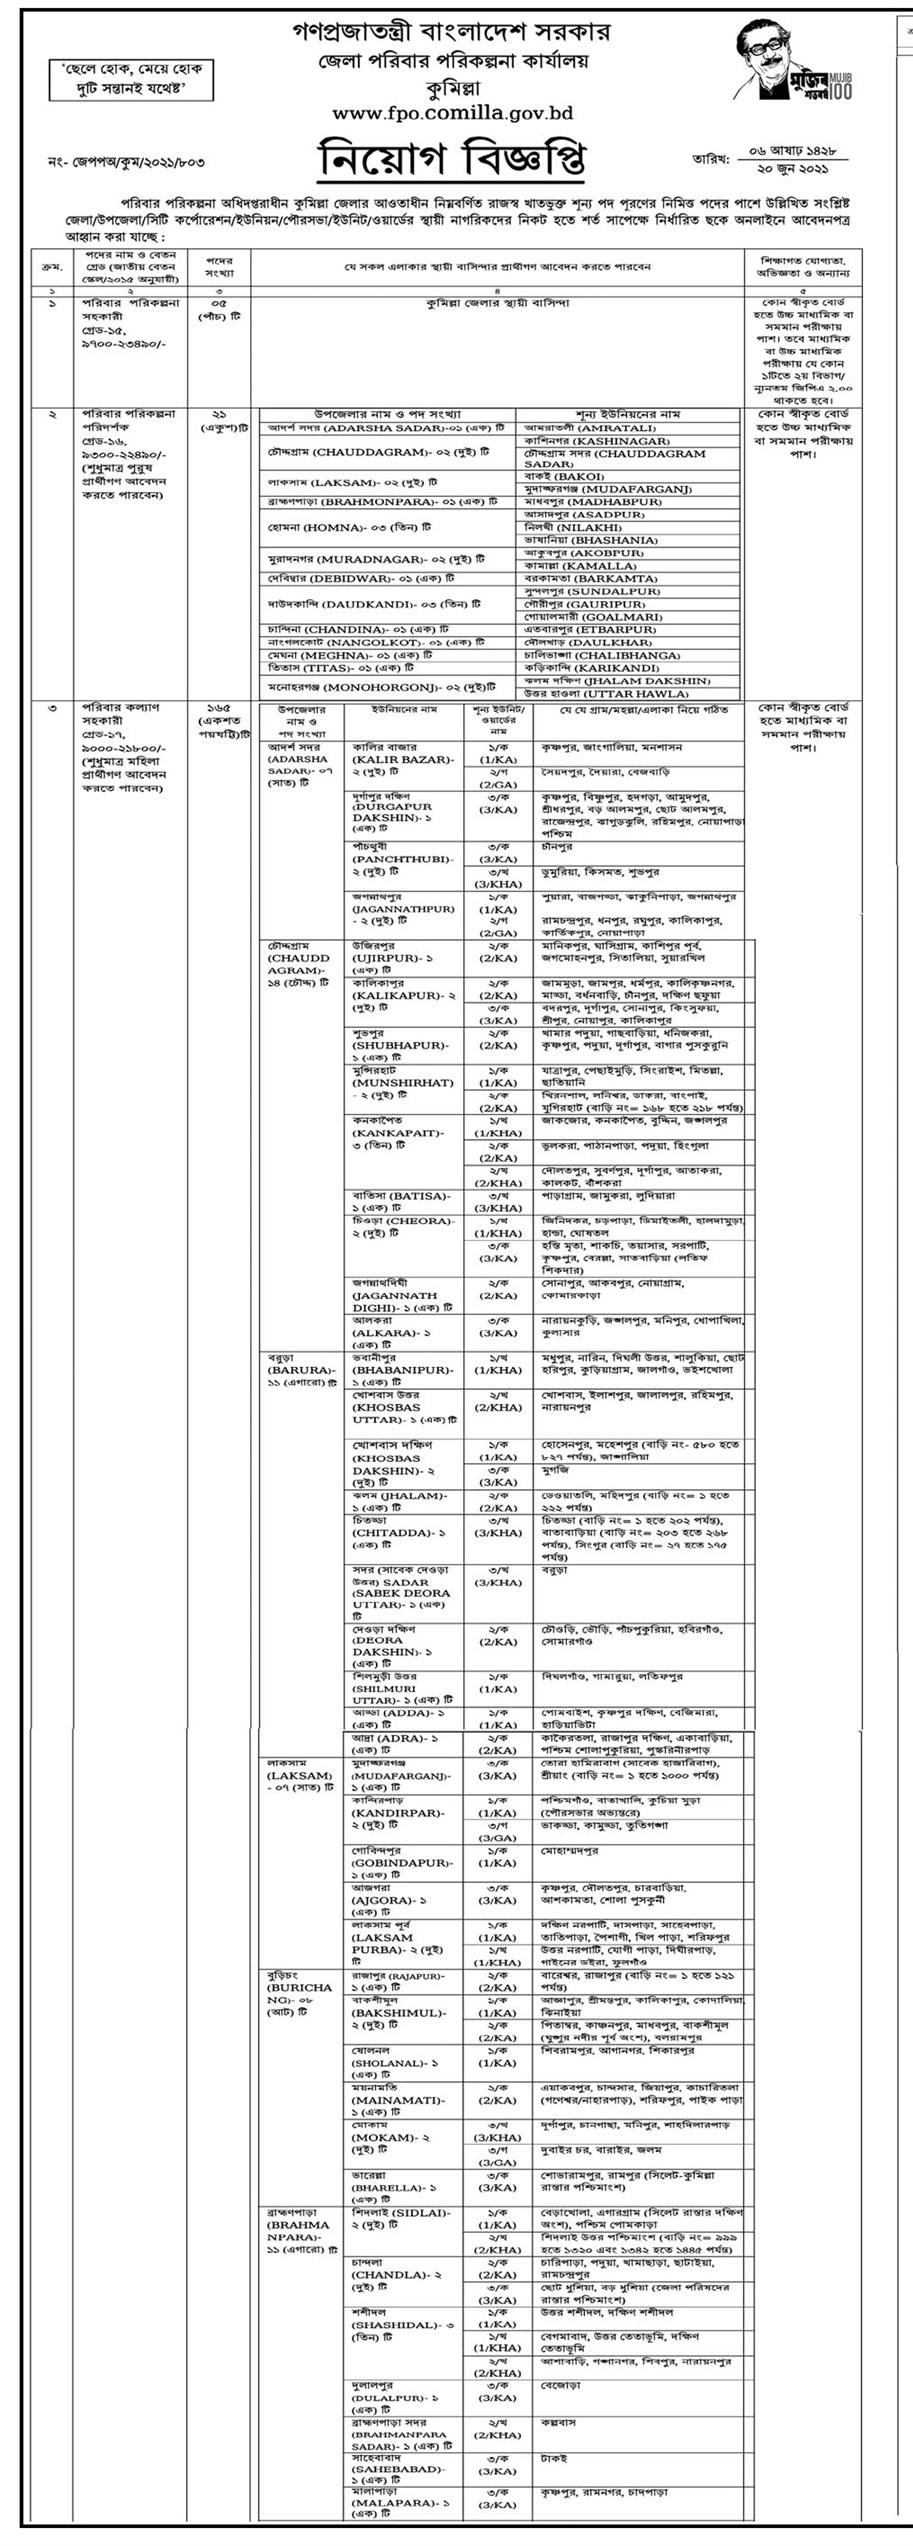 সকল পরিবার পরিকল্পনা কার্যালয় নিয়োগ বিজ্ঞপ্তি ২০২১ - All Family Planning Office Job Circular 2021 - সরকারি চাকরির খবর ২০২১